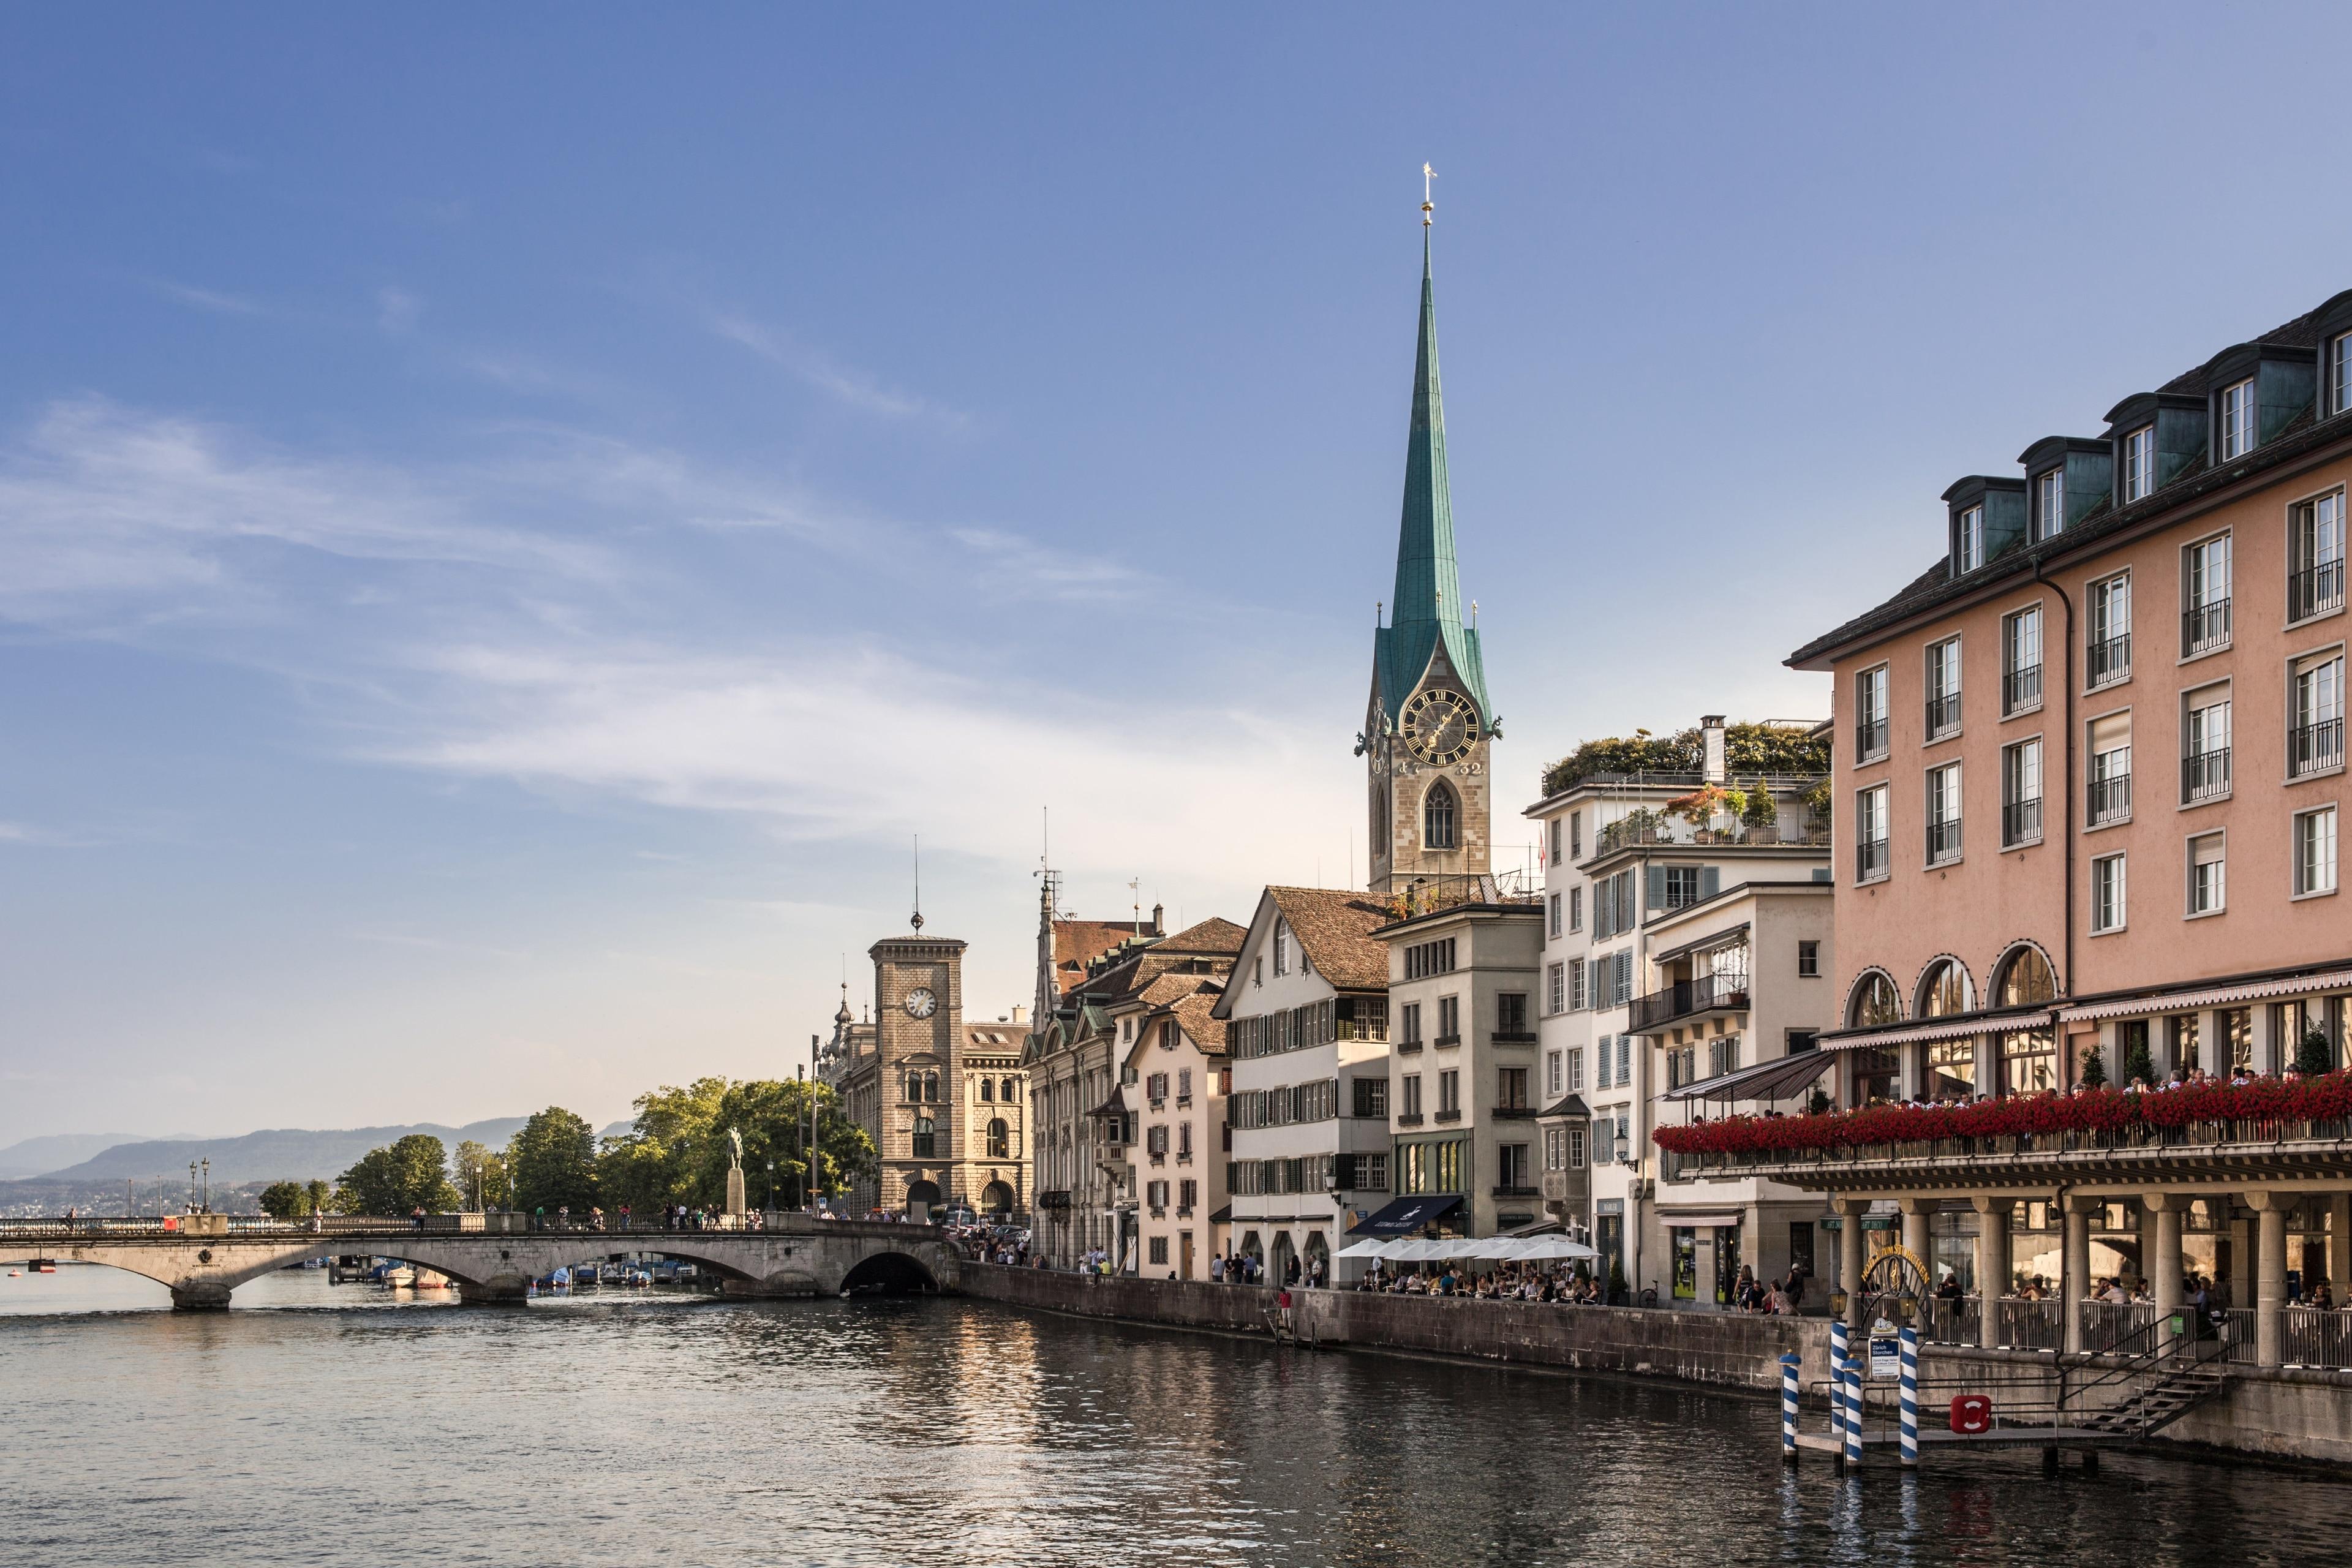 Seefeld, Zürich, Canton of Zurich, Switzerland